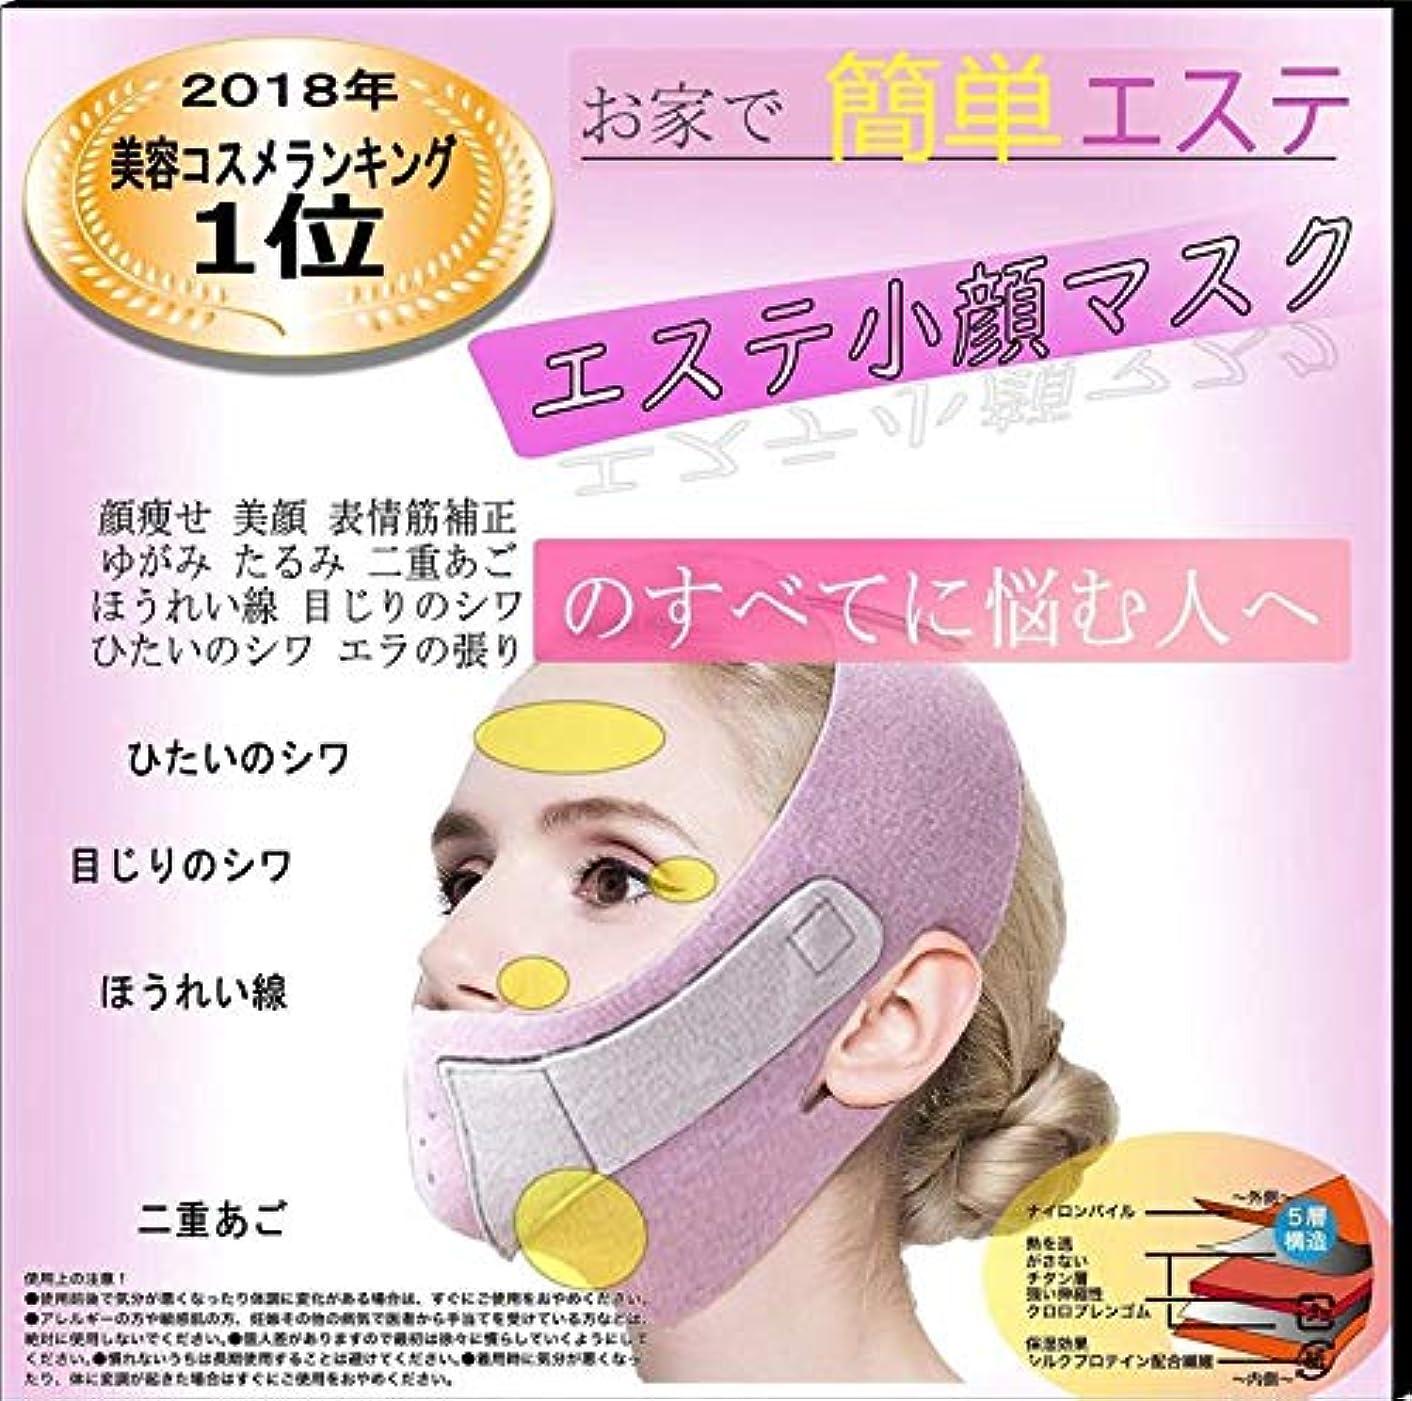 記憶フェンス分析的フェイスラインベルト 引き上げマスク 弾力V-ラインマスク 引っ張る 額、顎下、頬リフトアップ 小顔 美顔 矯正 顔痩せ 最新型 小顔マスク 豊齢線予防 頬のたるみ 抗シワ 美顔 Lサイズ ピンク